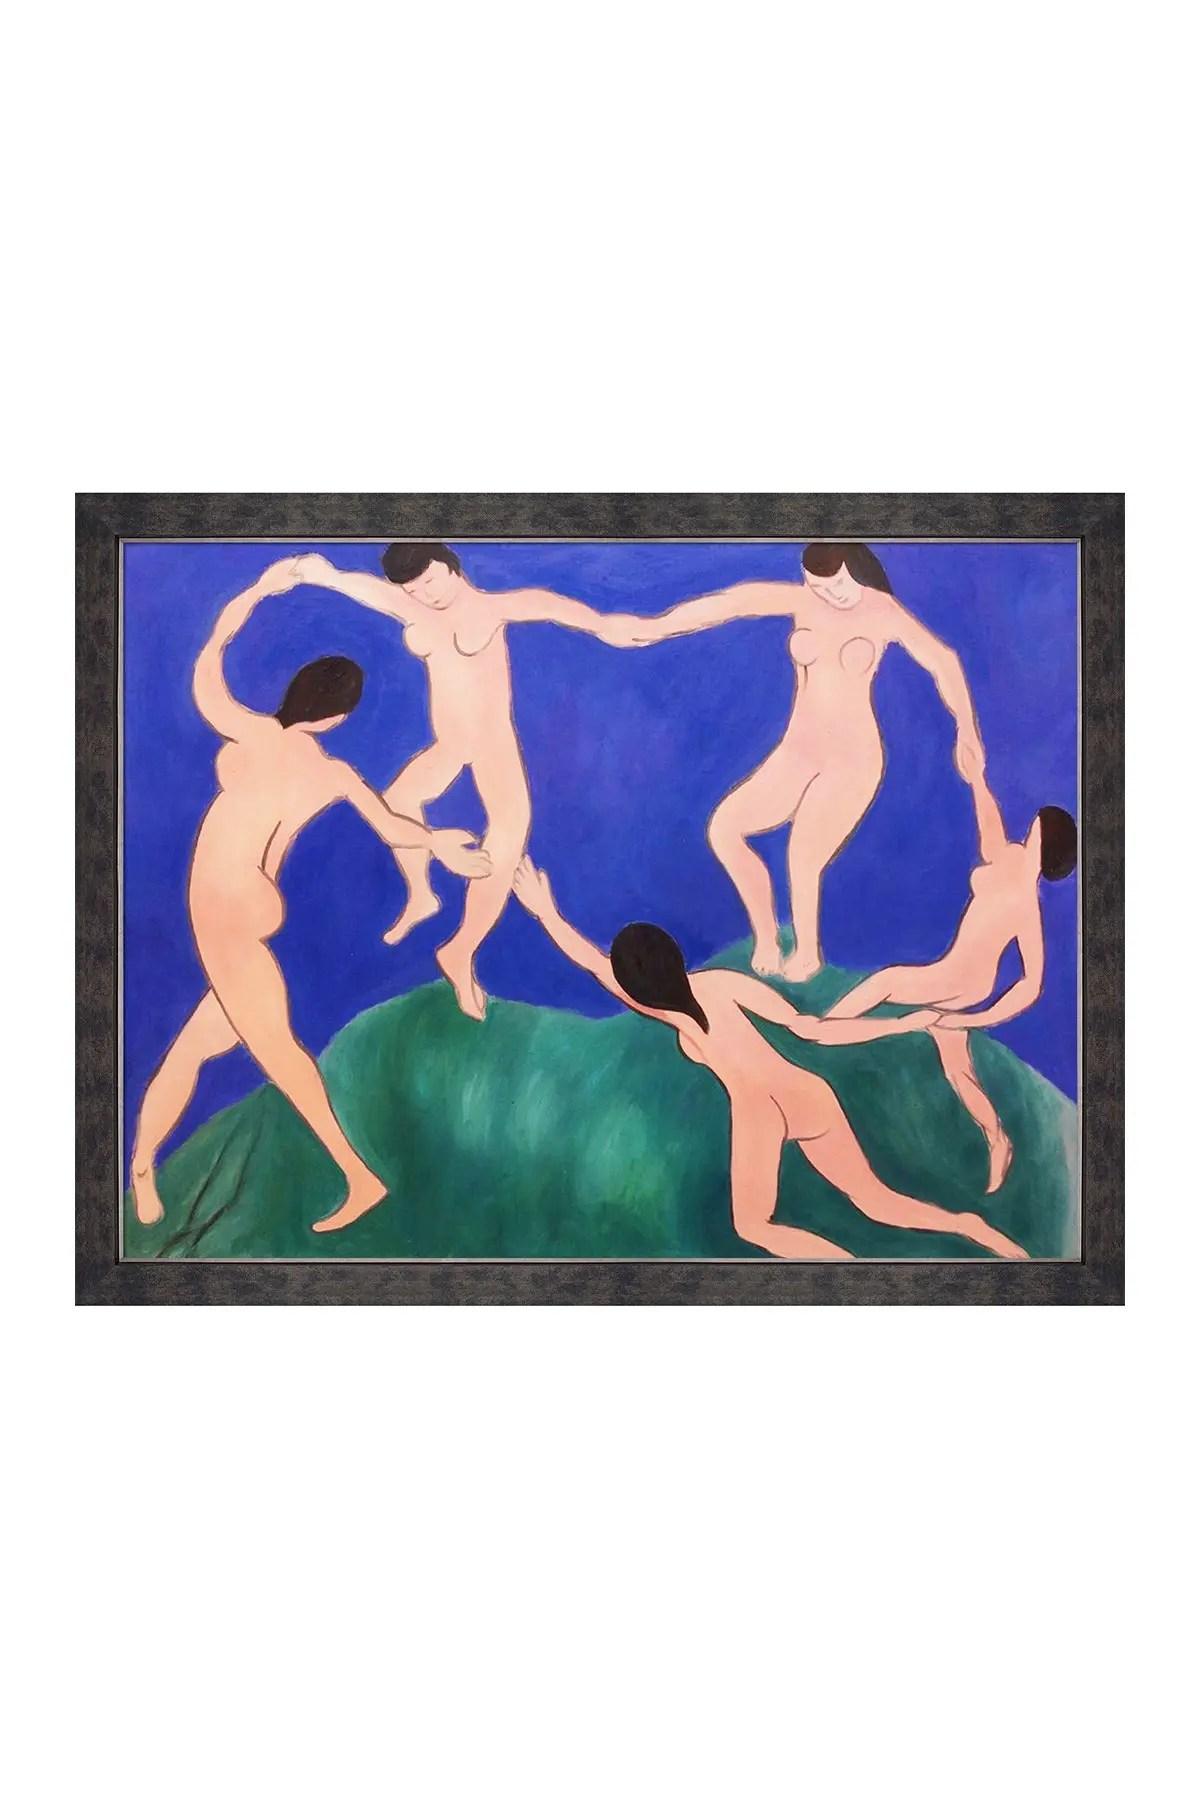 La Danse (matisse) : danse, (matisse), Overstock, Danse, Framed, Reproduction, Original, Painting, Henri, Matisse, 44